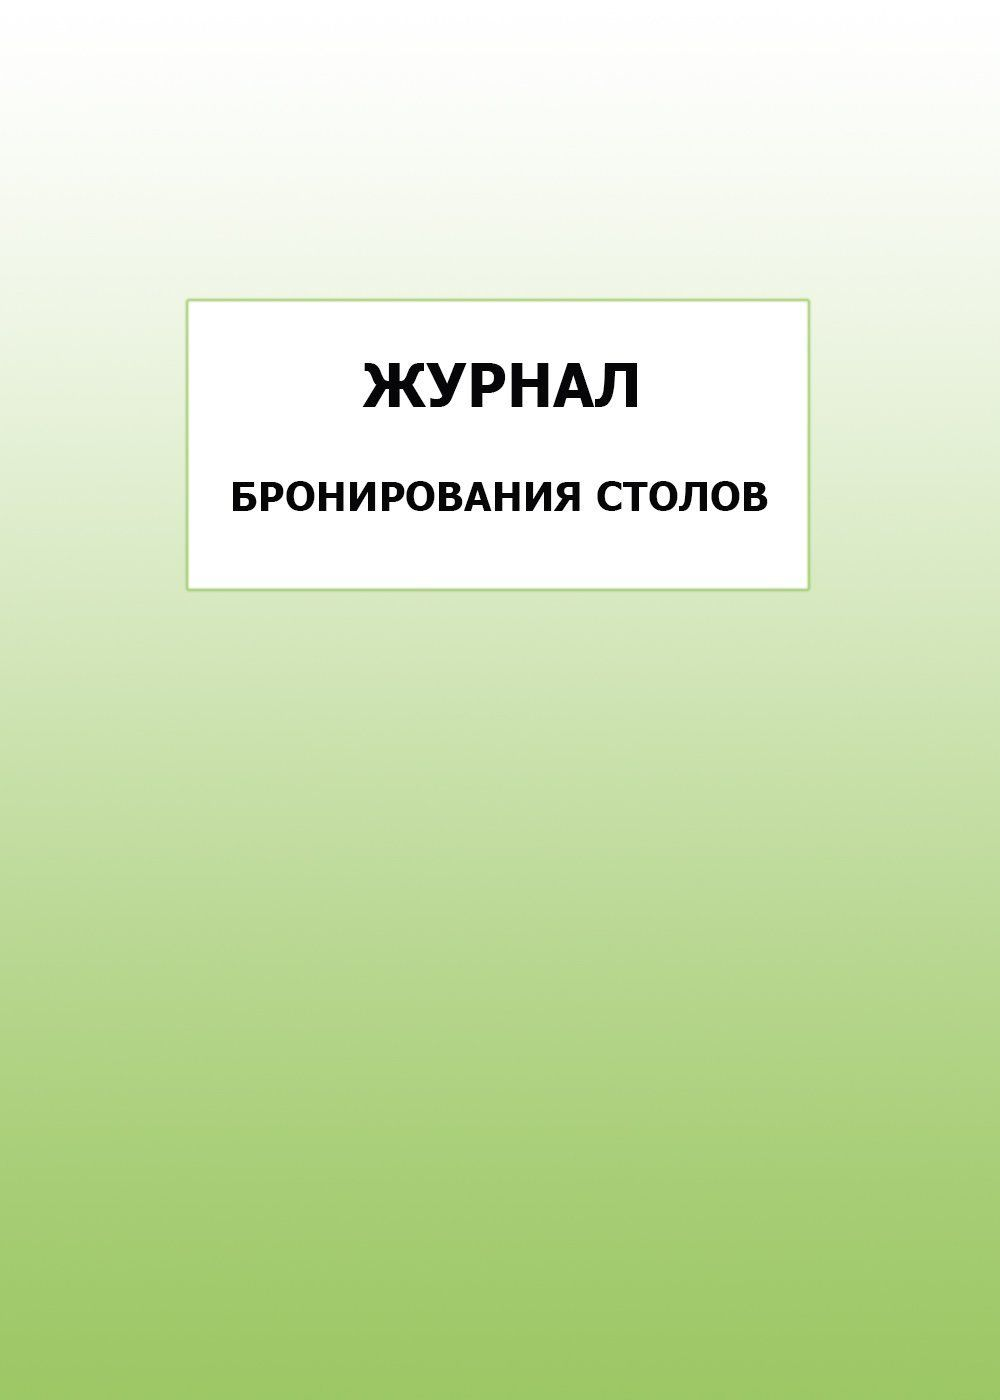 Журнал бронирования столов: упаковка 100 шт.